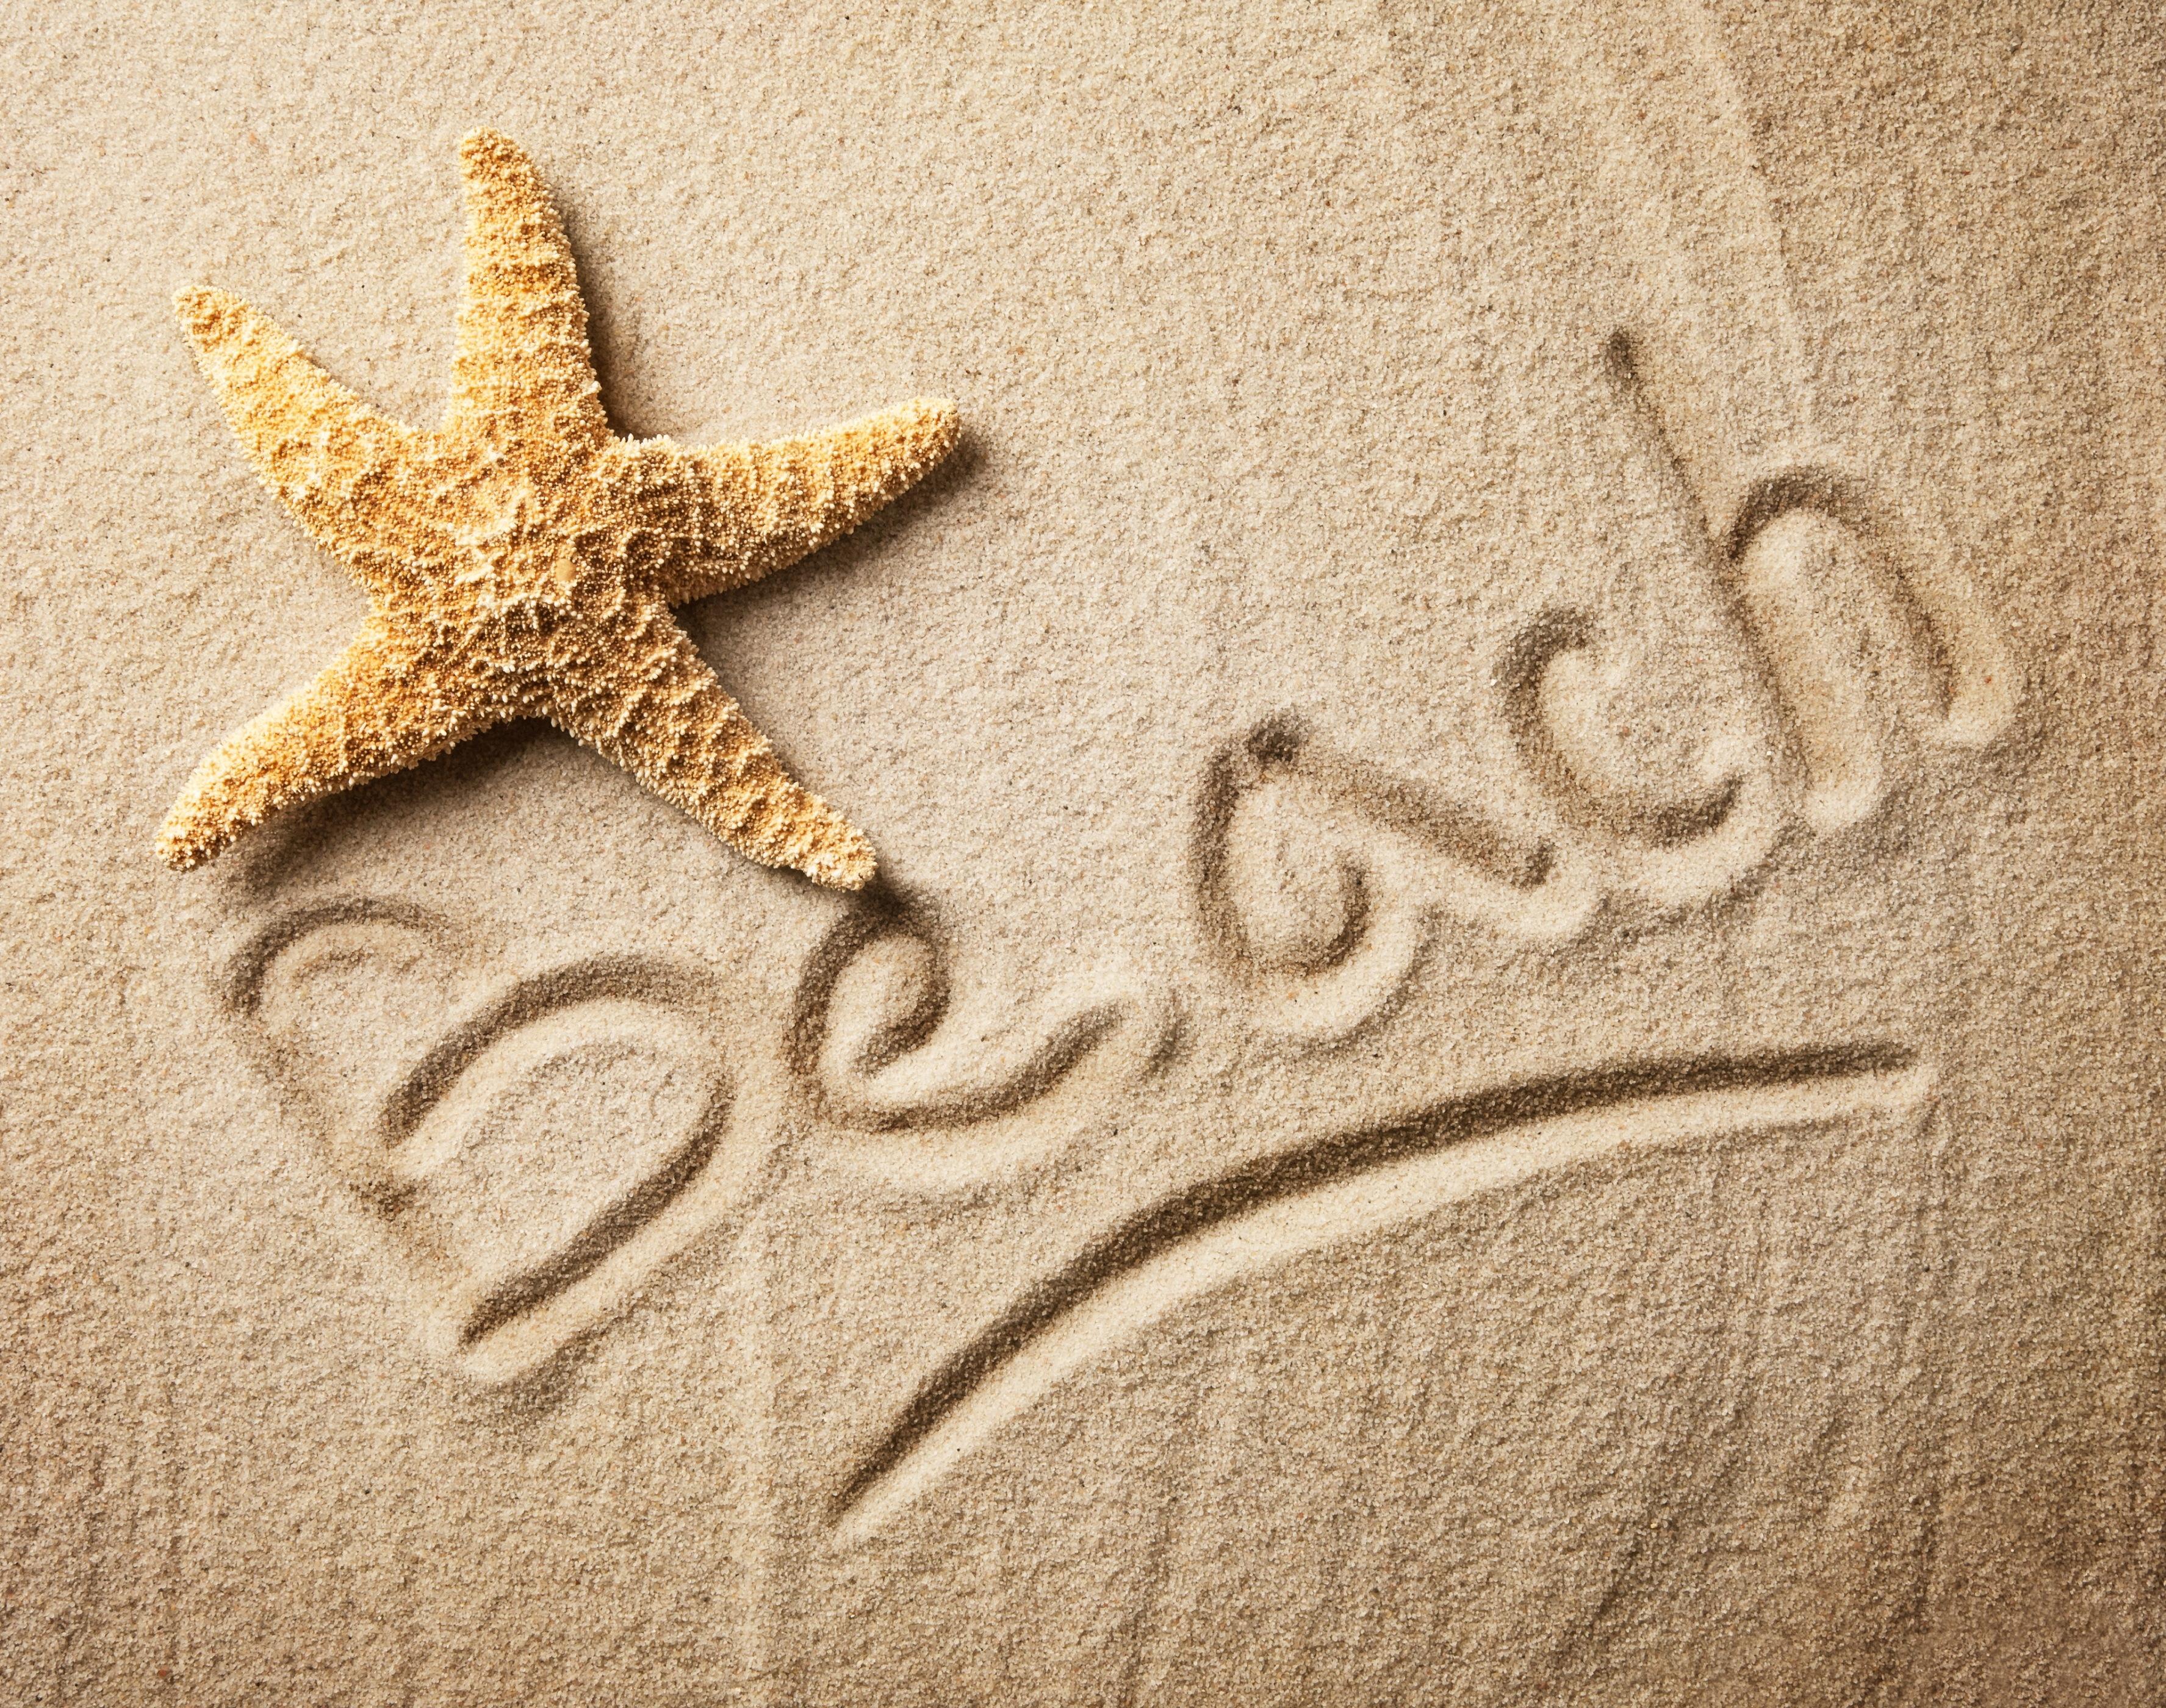 2011 надпись на песке возле волн  № 3342144 загрузить